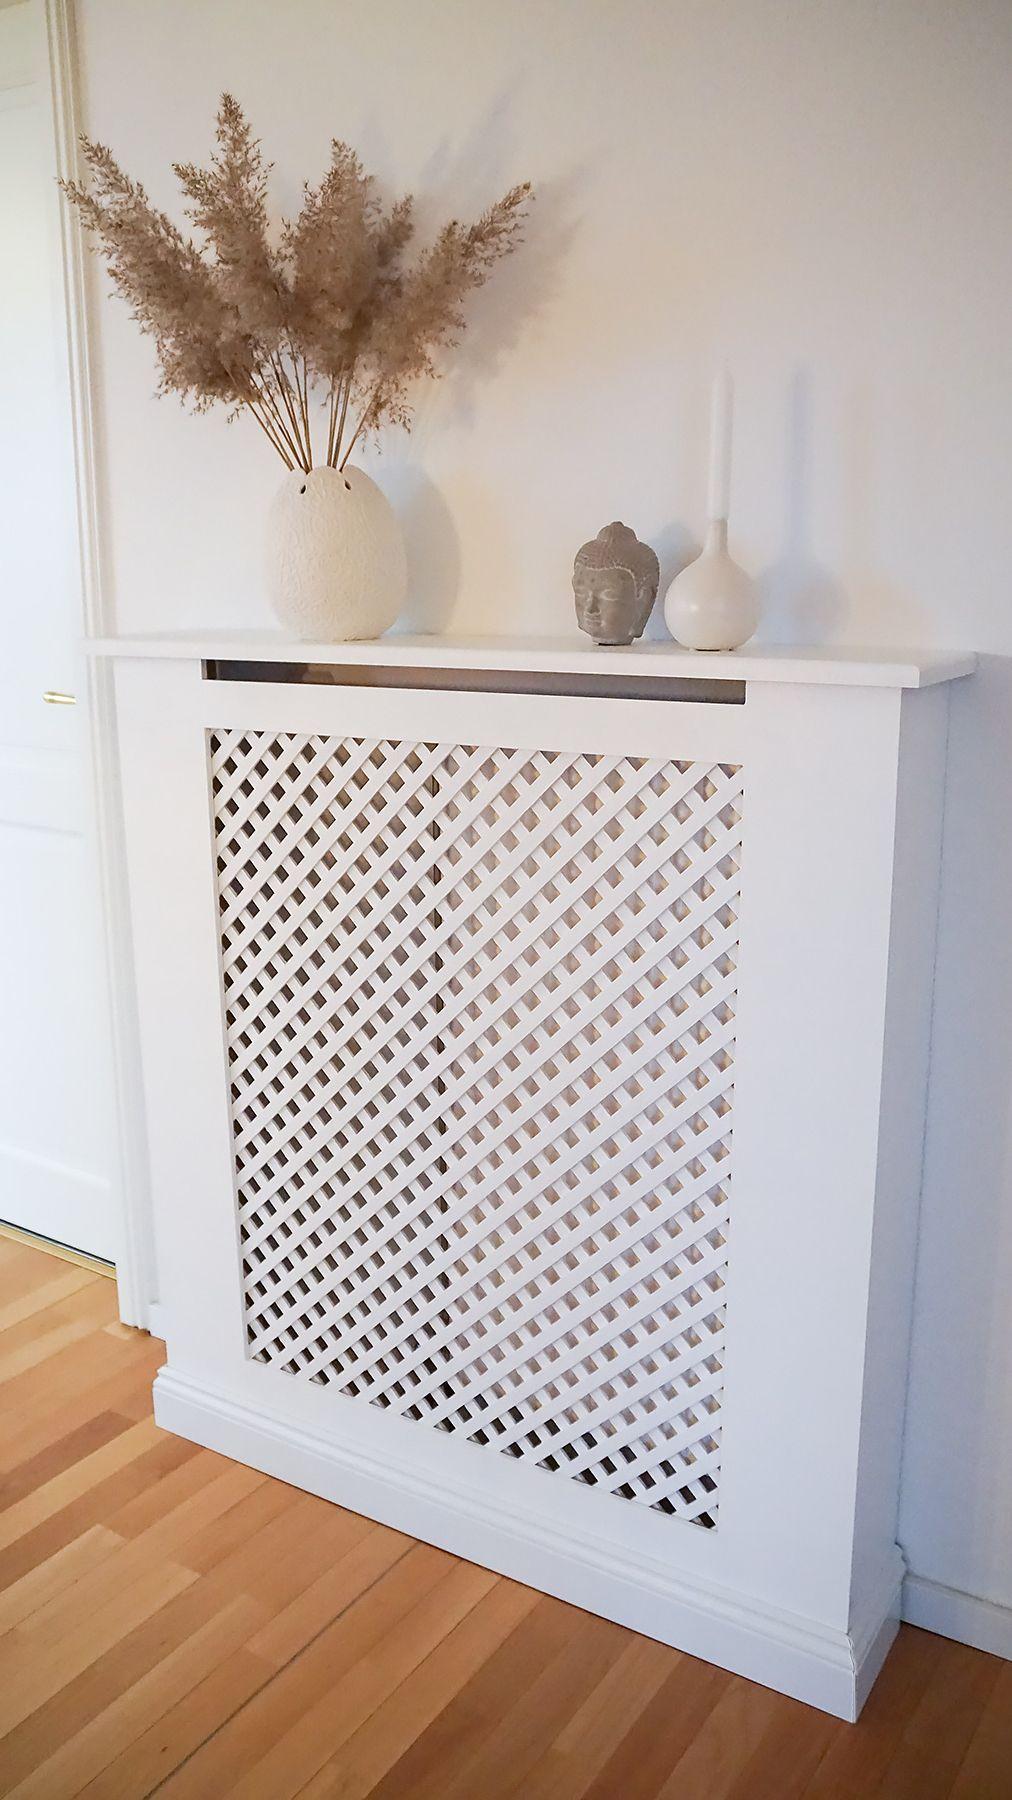 Pingl par benyettou sur maison en 2019 couverture de radiateur cache radiateur et d co maison - Cache radiateur maison ...